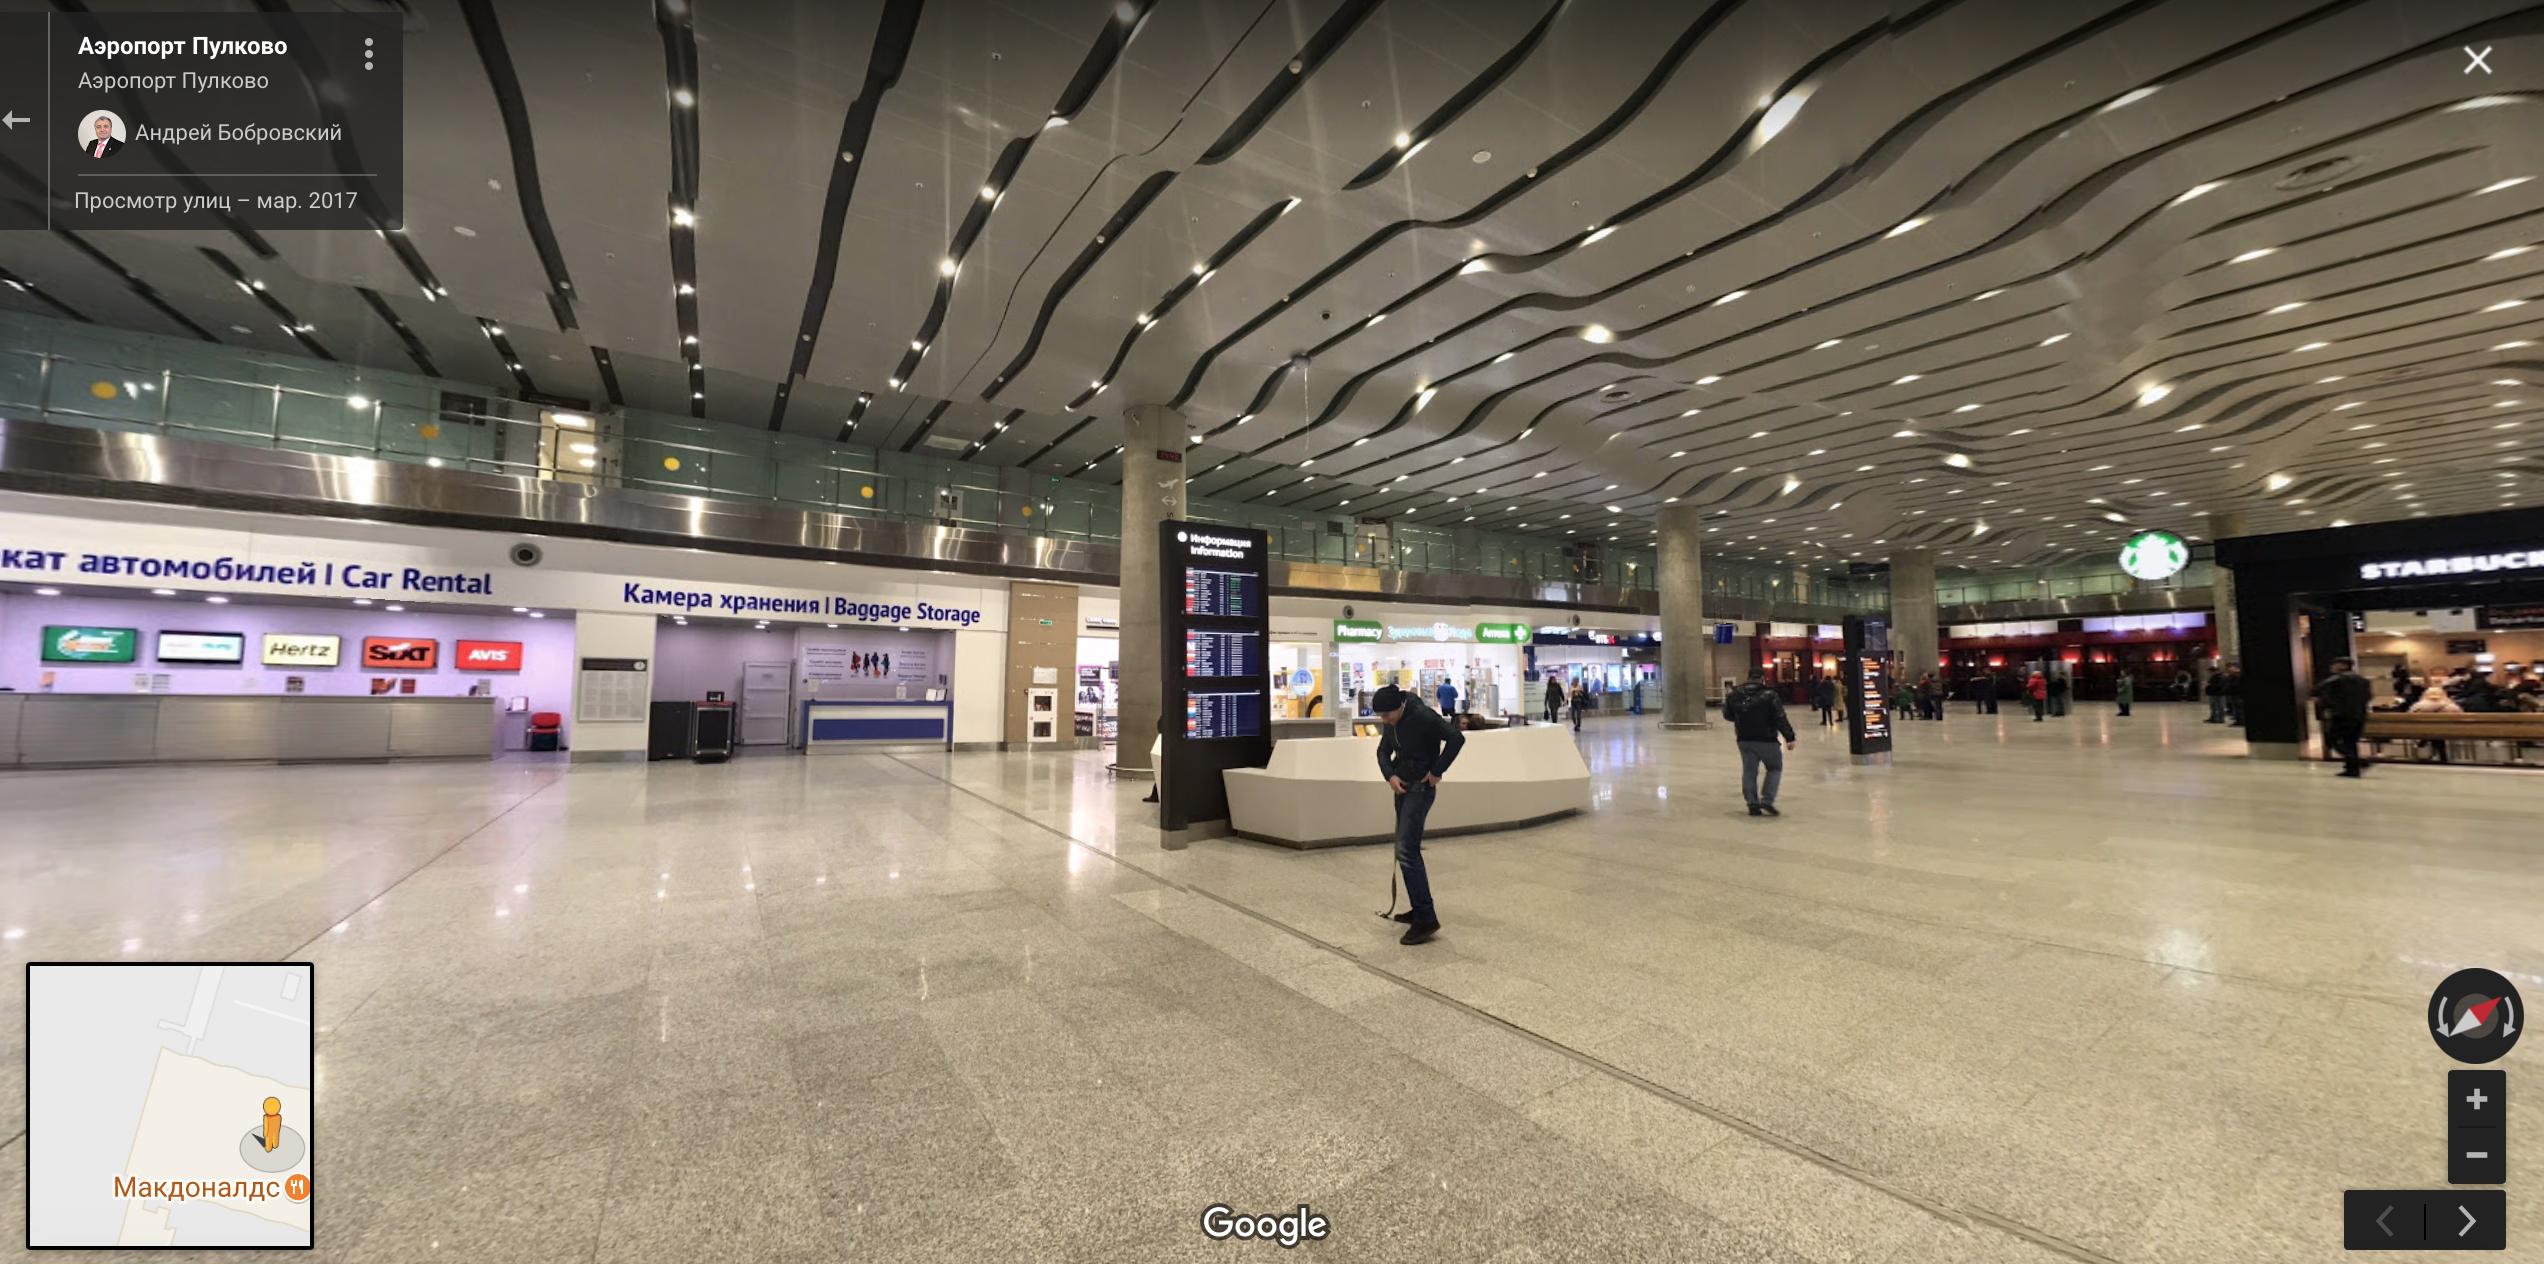 Пулково аэропорт  Википедия